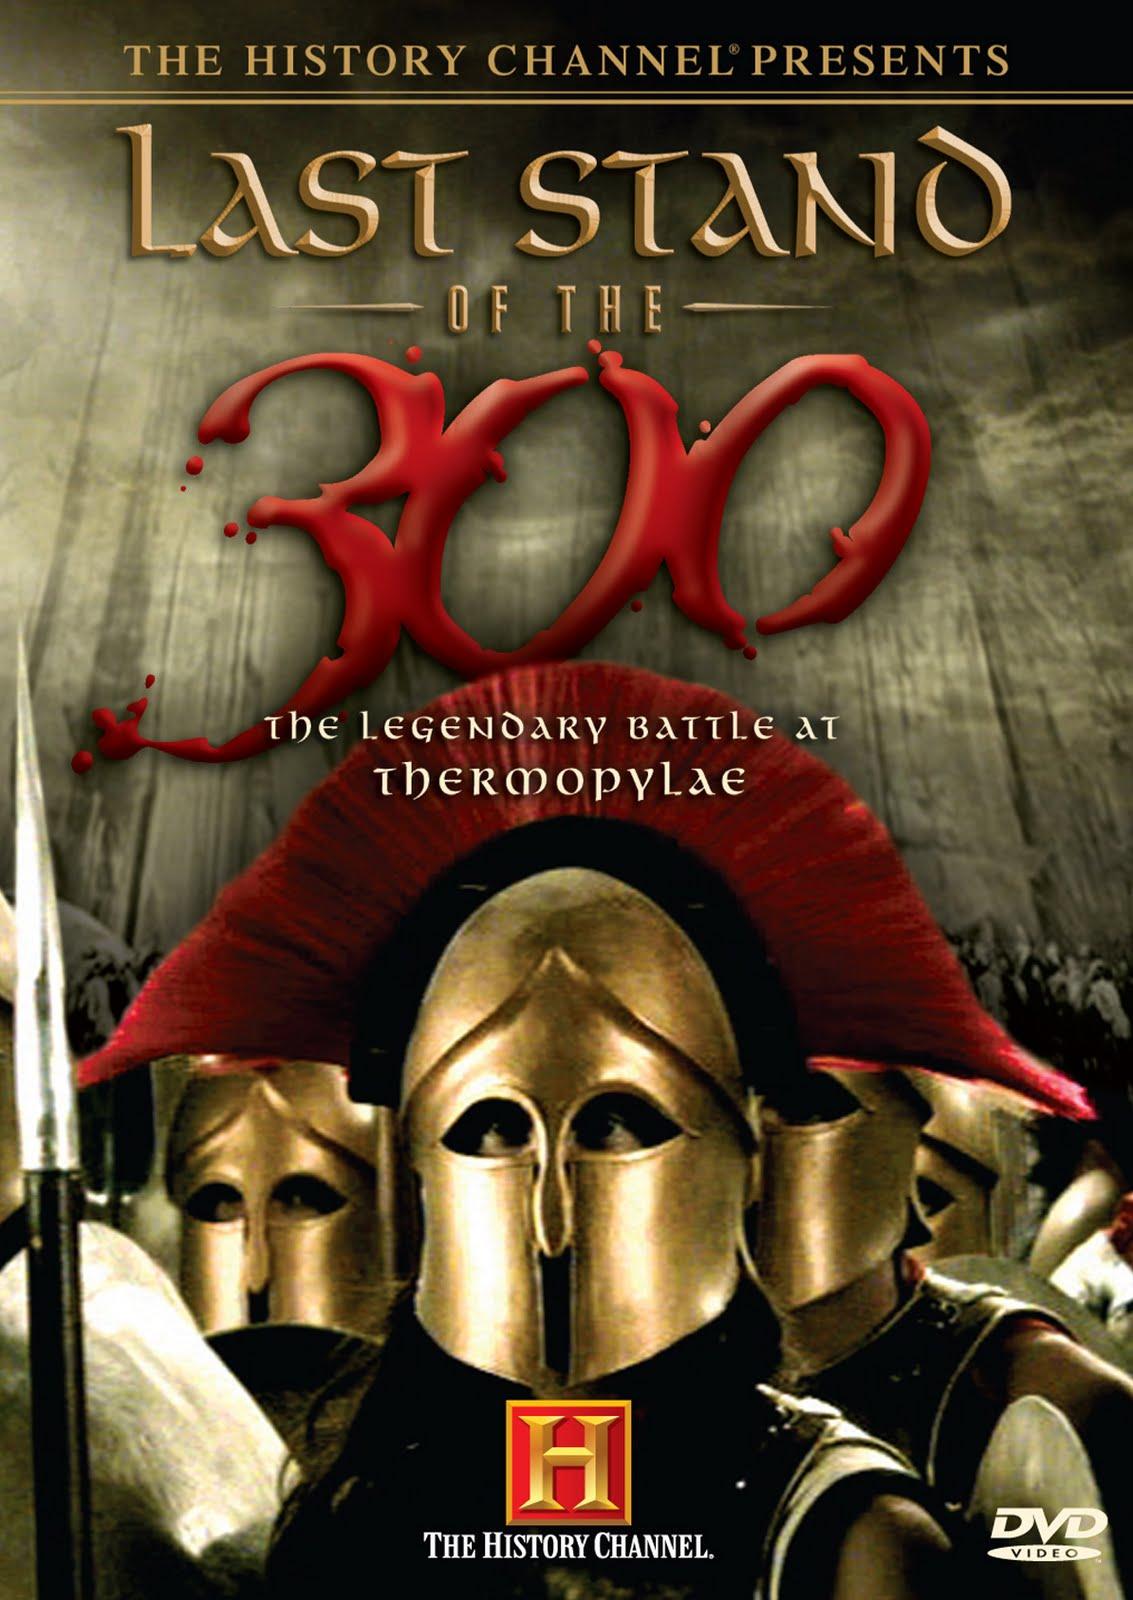 Ang Kapitbahay 2003 Tagalog Movie last stand of the 300 | my blog